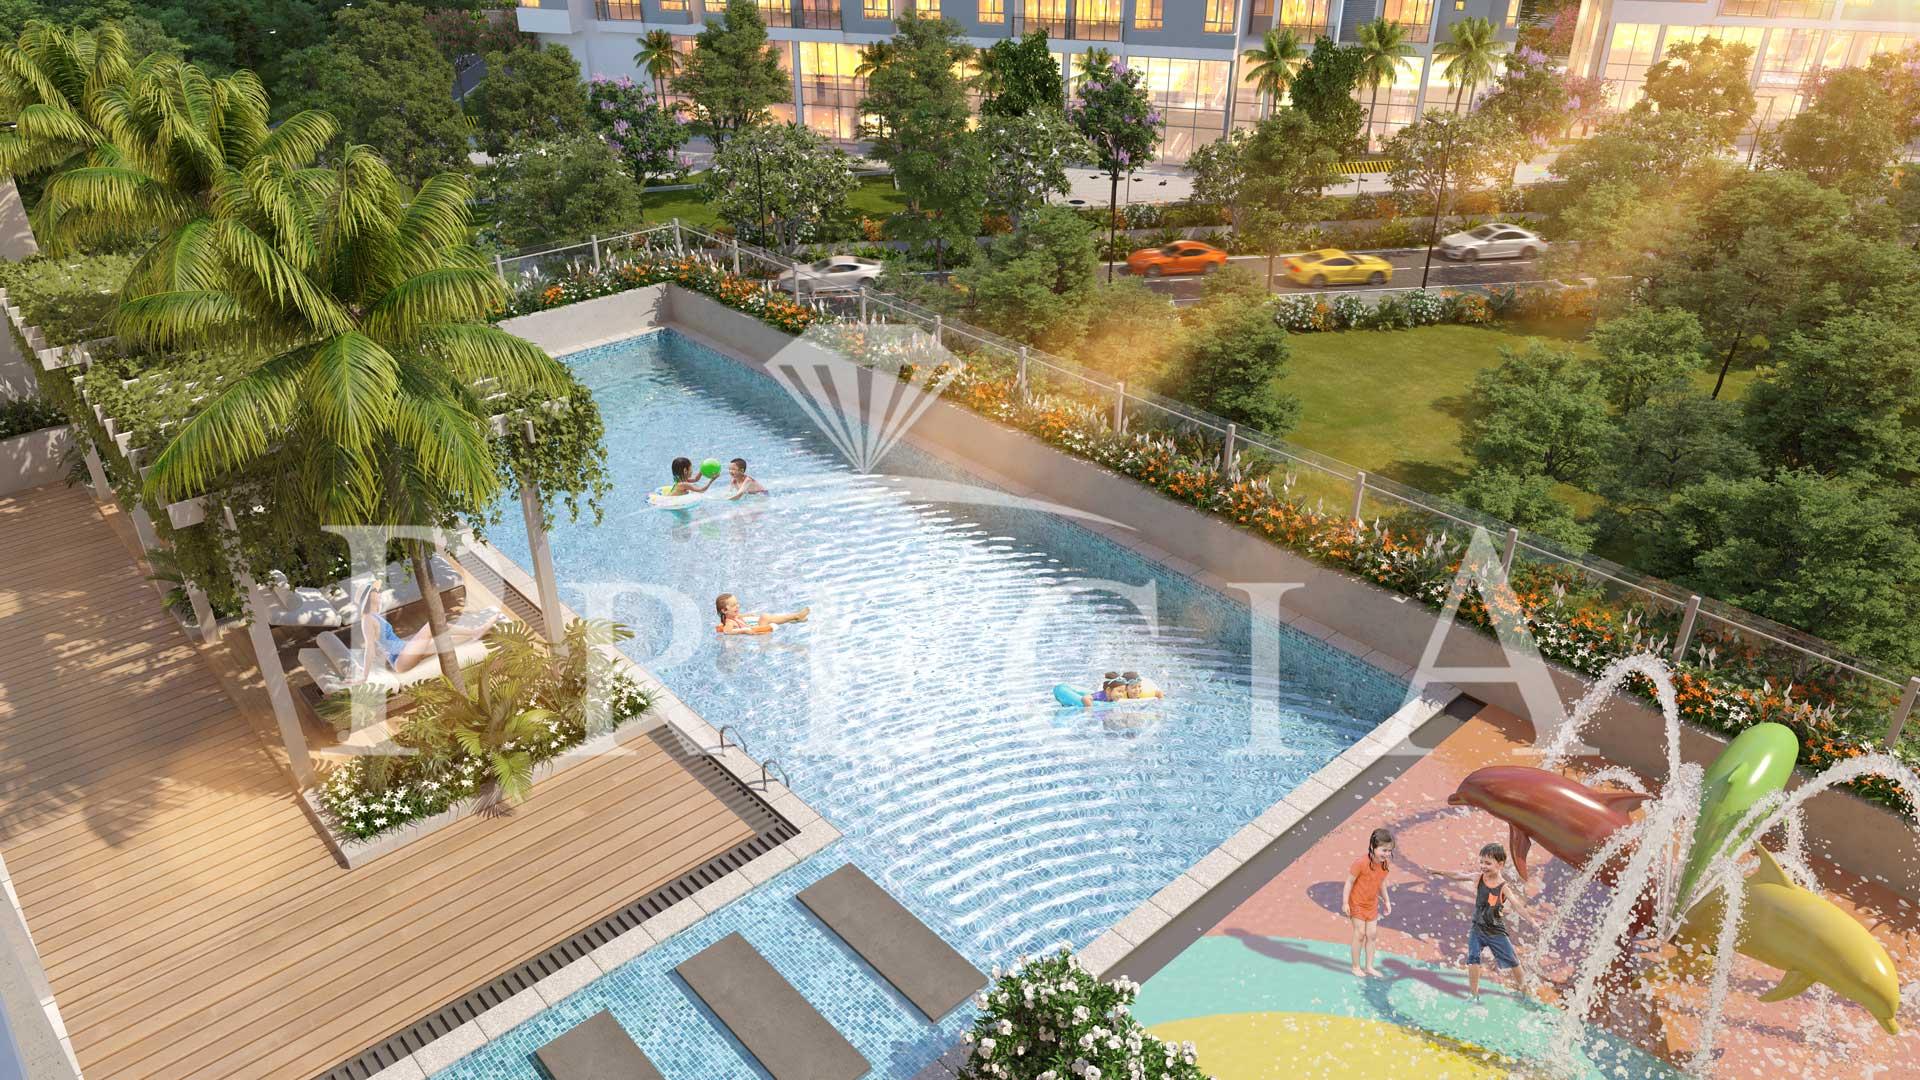 Căn hộ Precia Quận 2- Phối cảnh hồ bơi trẻ em